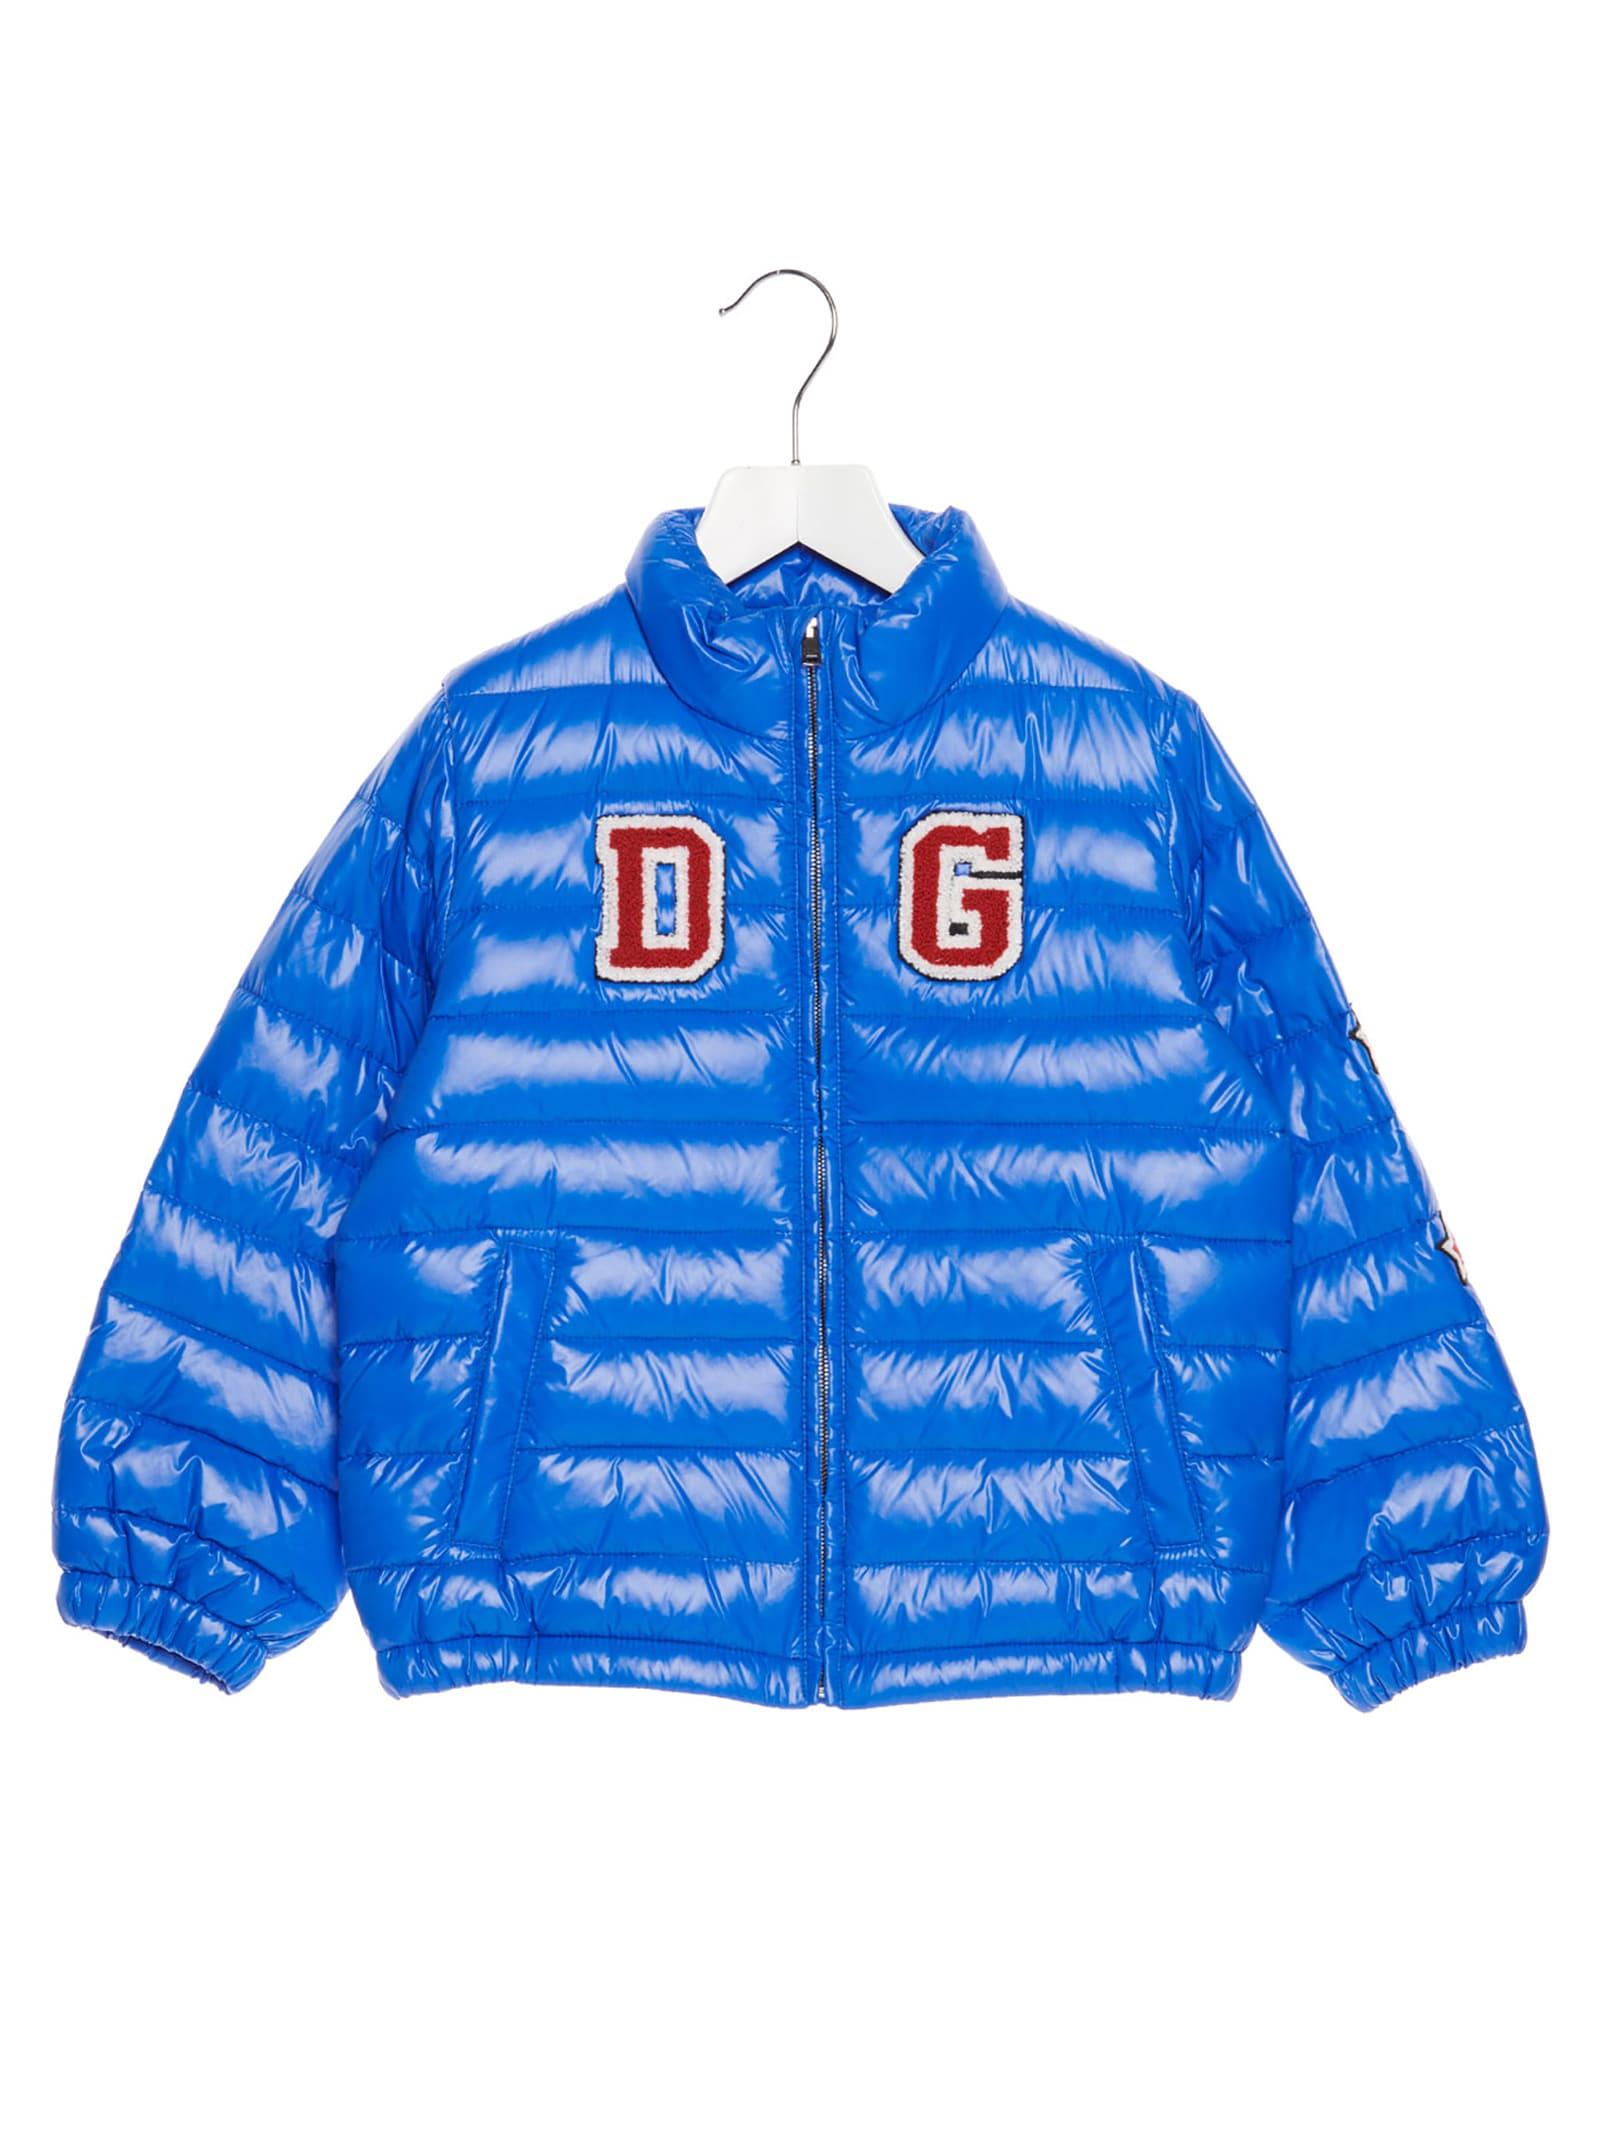 Dolce & Gabbana Kids' Jacket In Light Blue